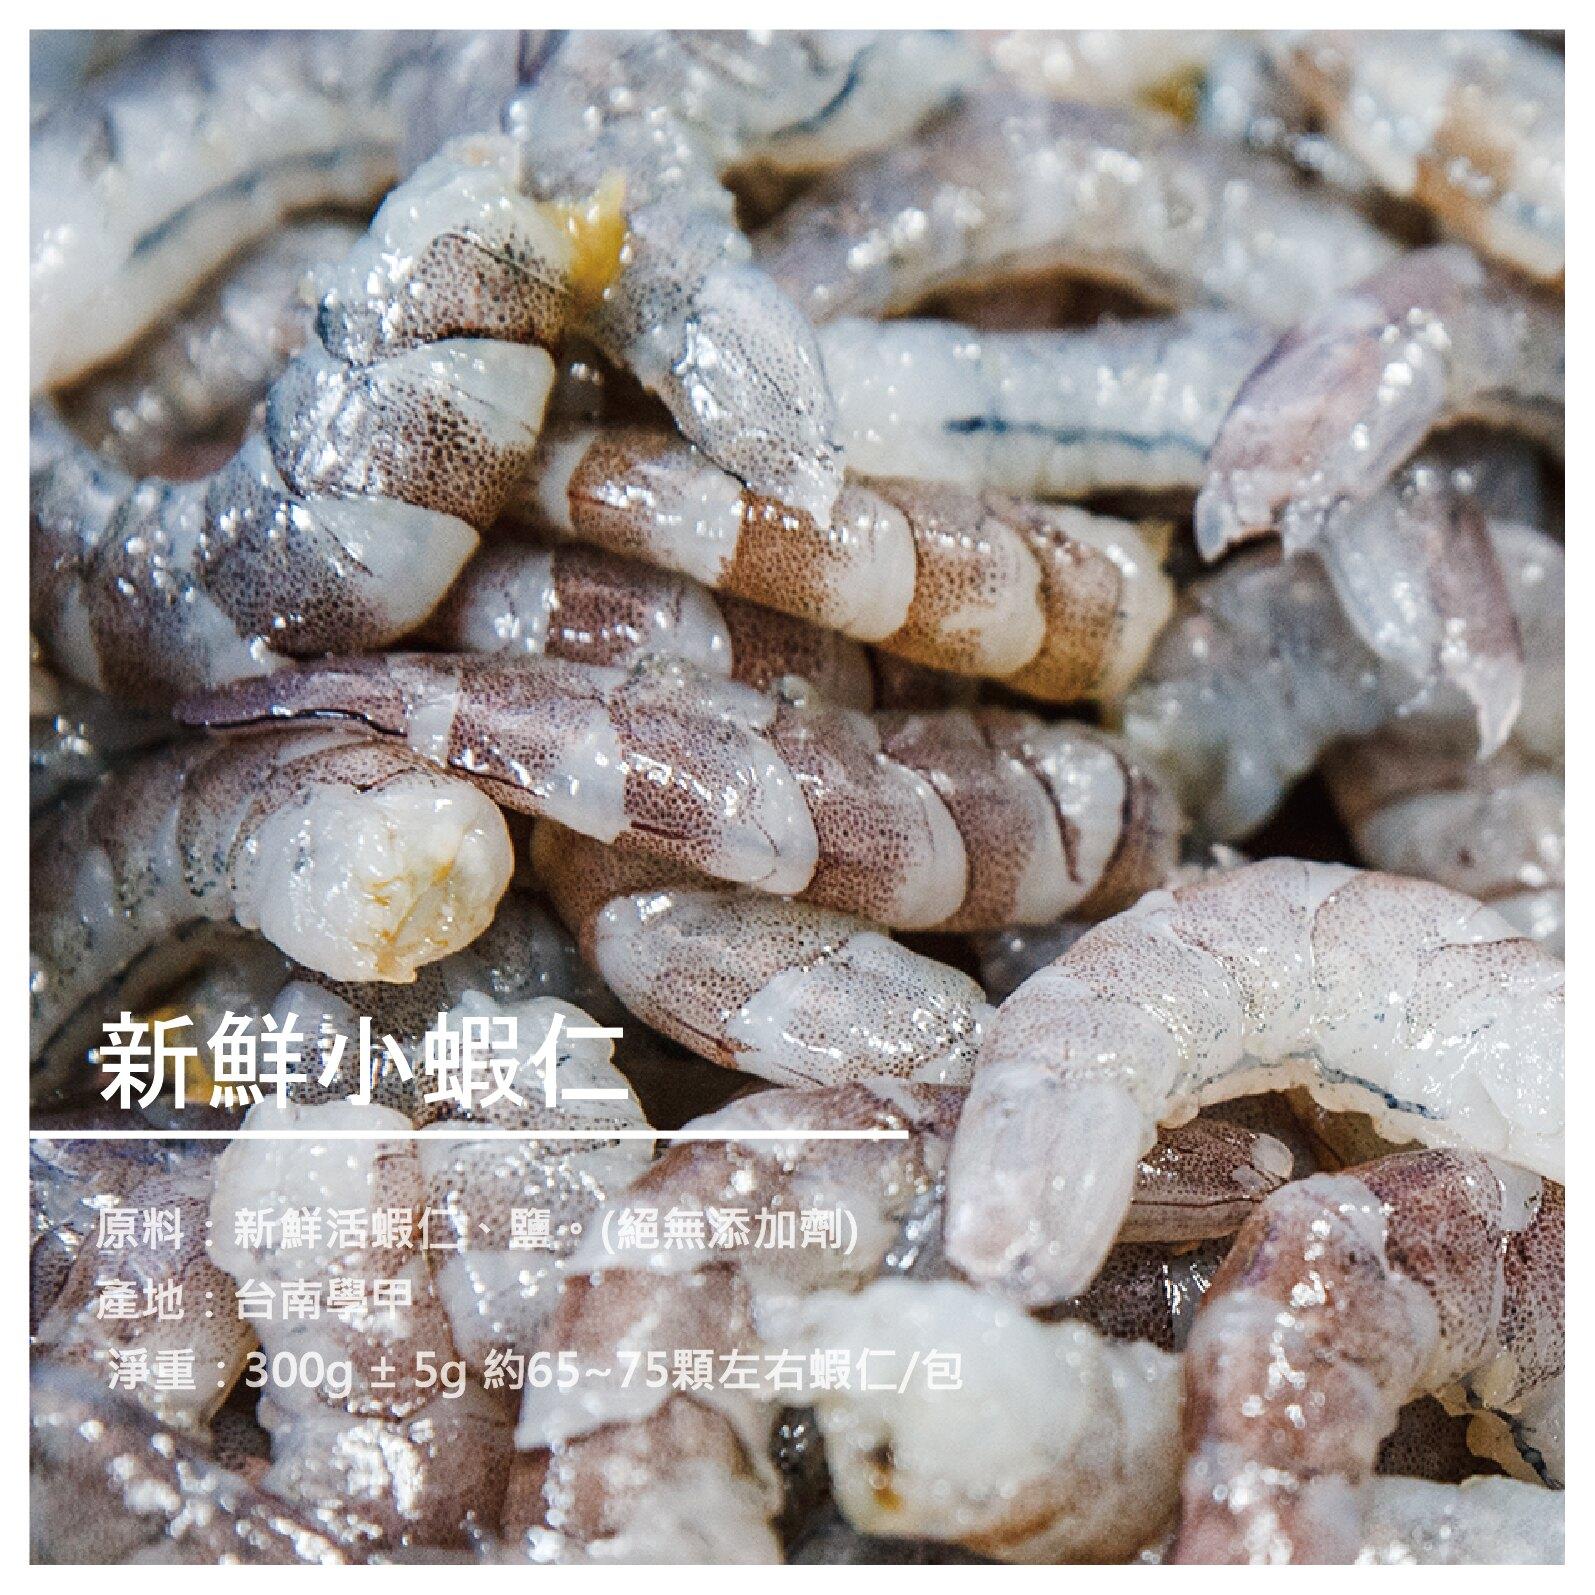 【洪氏鮮蝦】新鮮小蝦仁 /300g